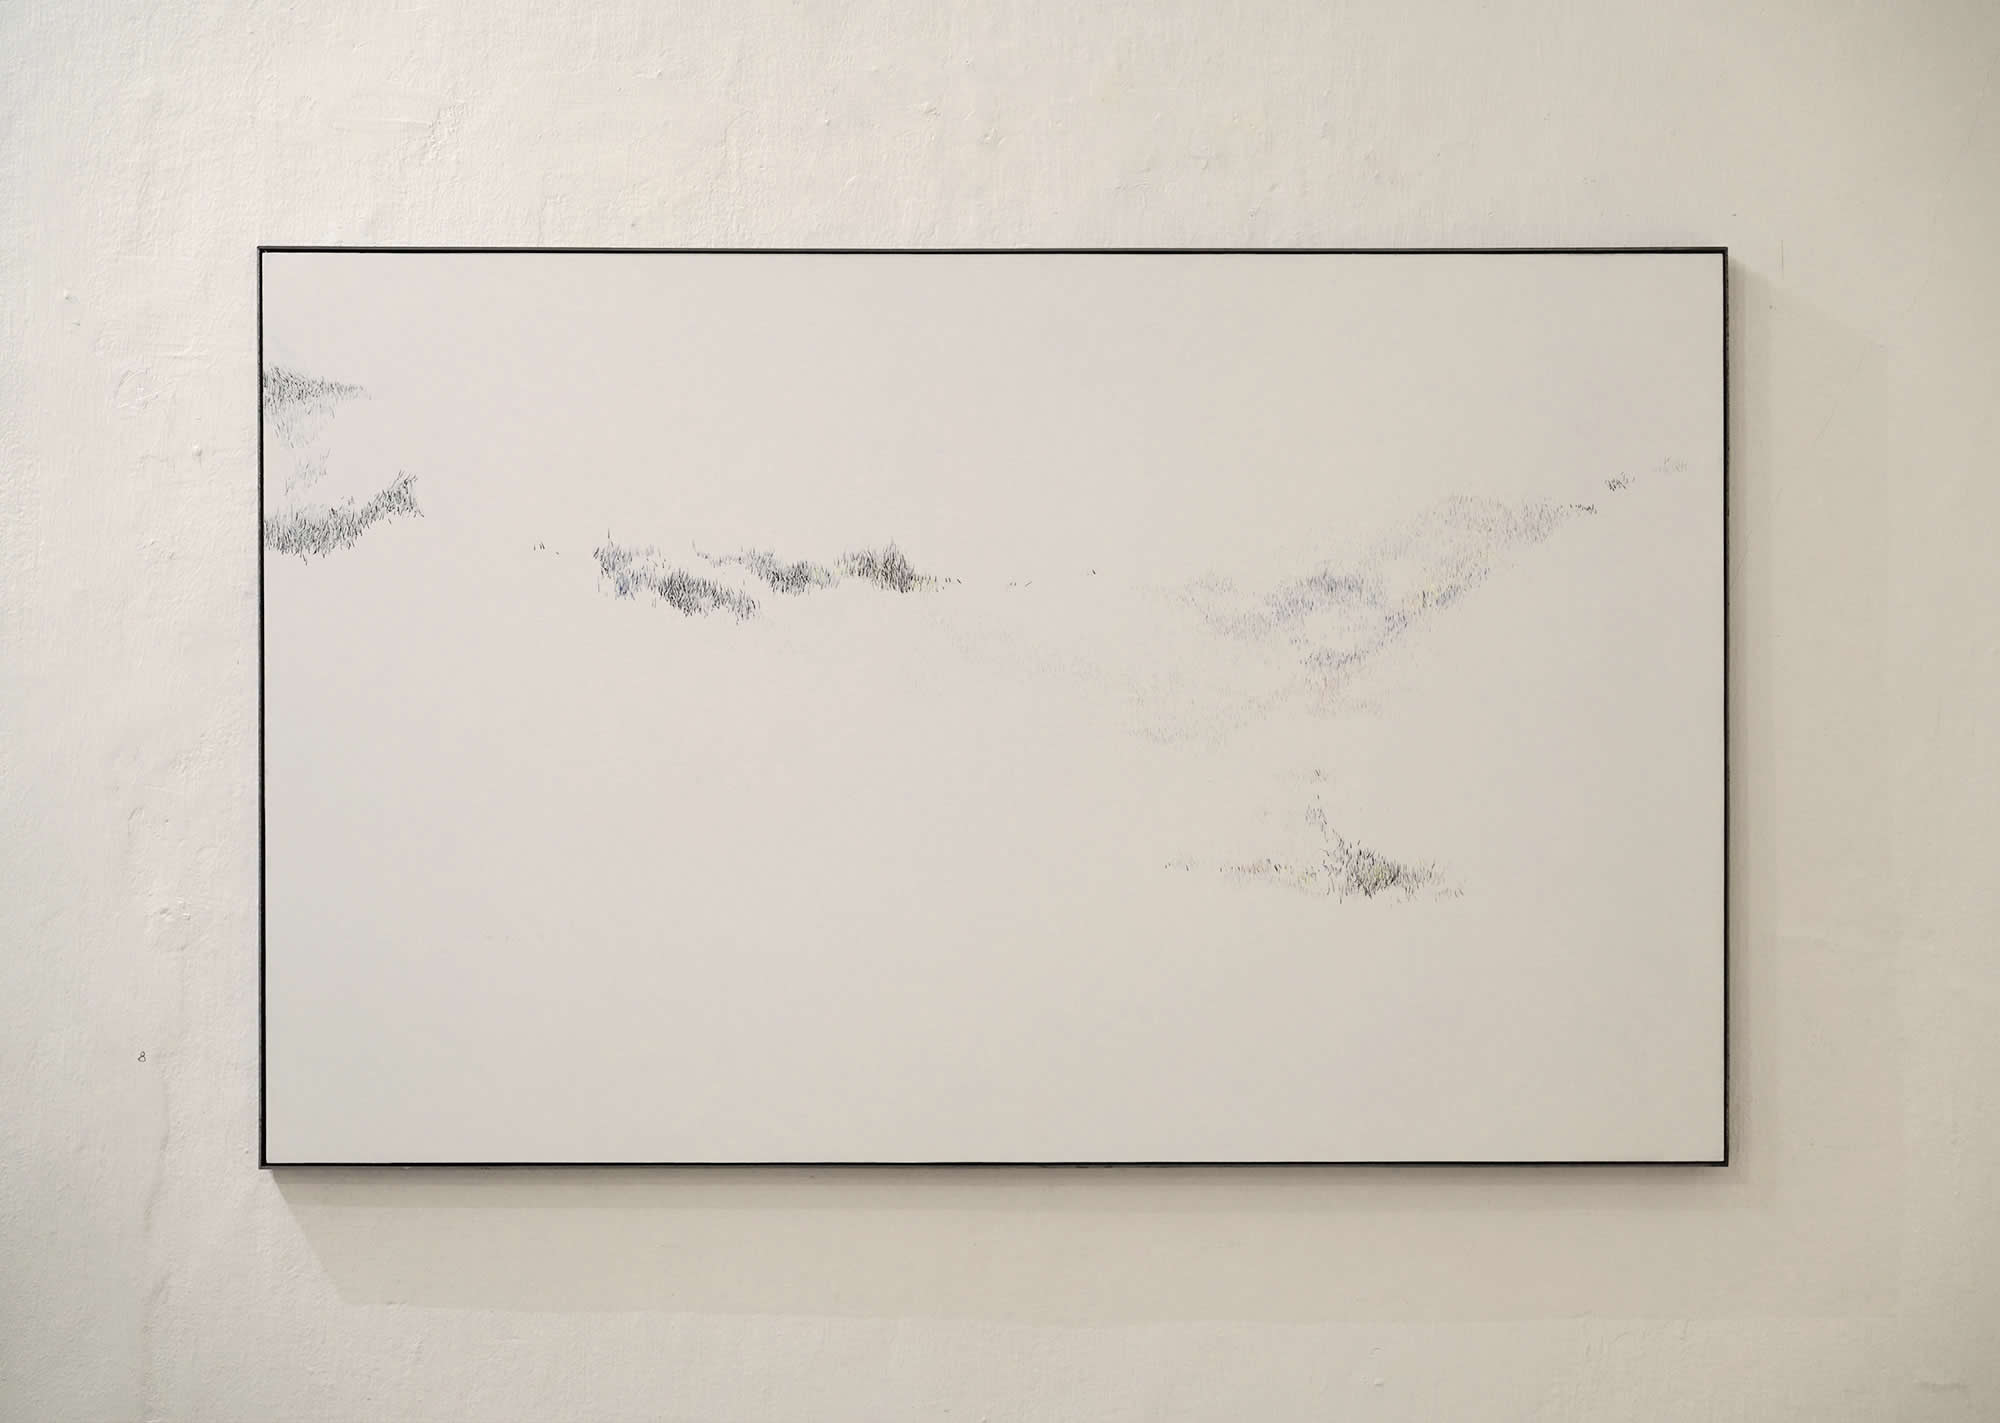 Linda Berger   Fact35   Strichwelten & Luftkörper   2019-11   Galerie3